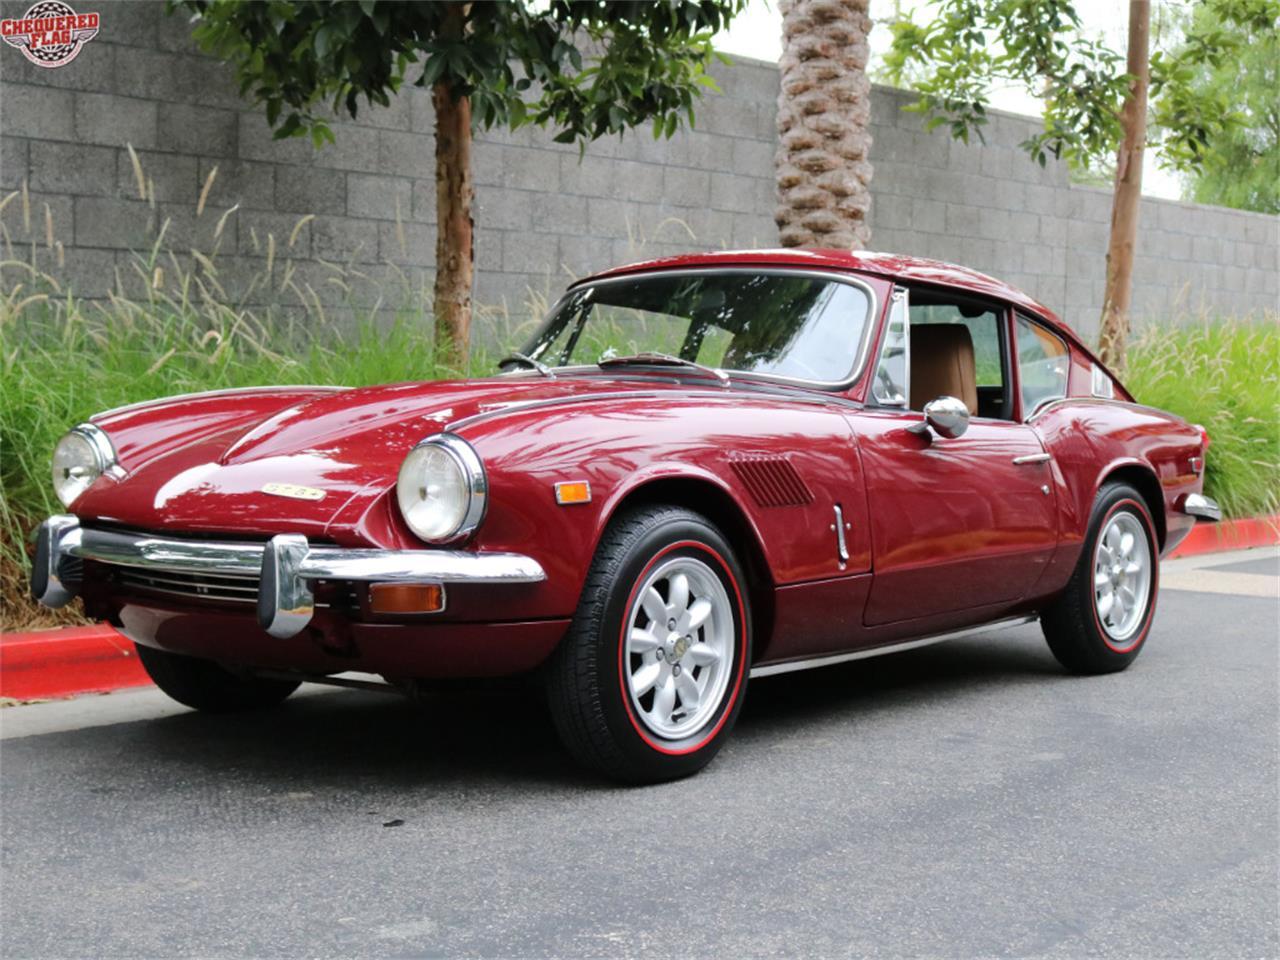 1969 Triumph Gt6 Plus For Sale Classiccarscom Cc 913685